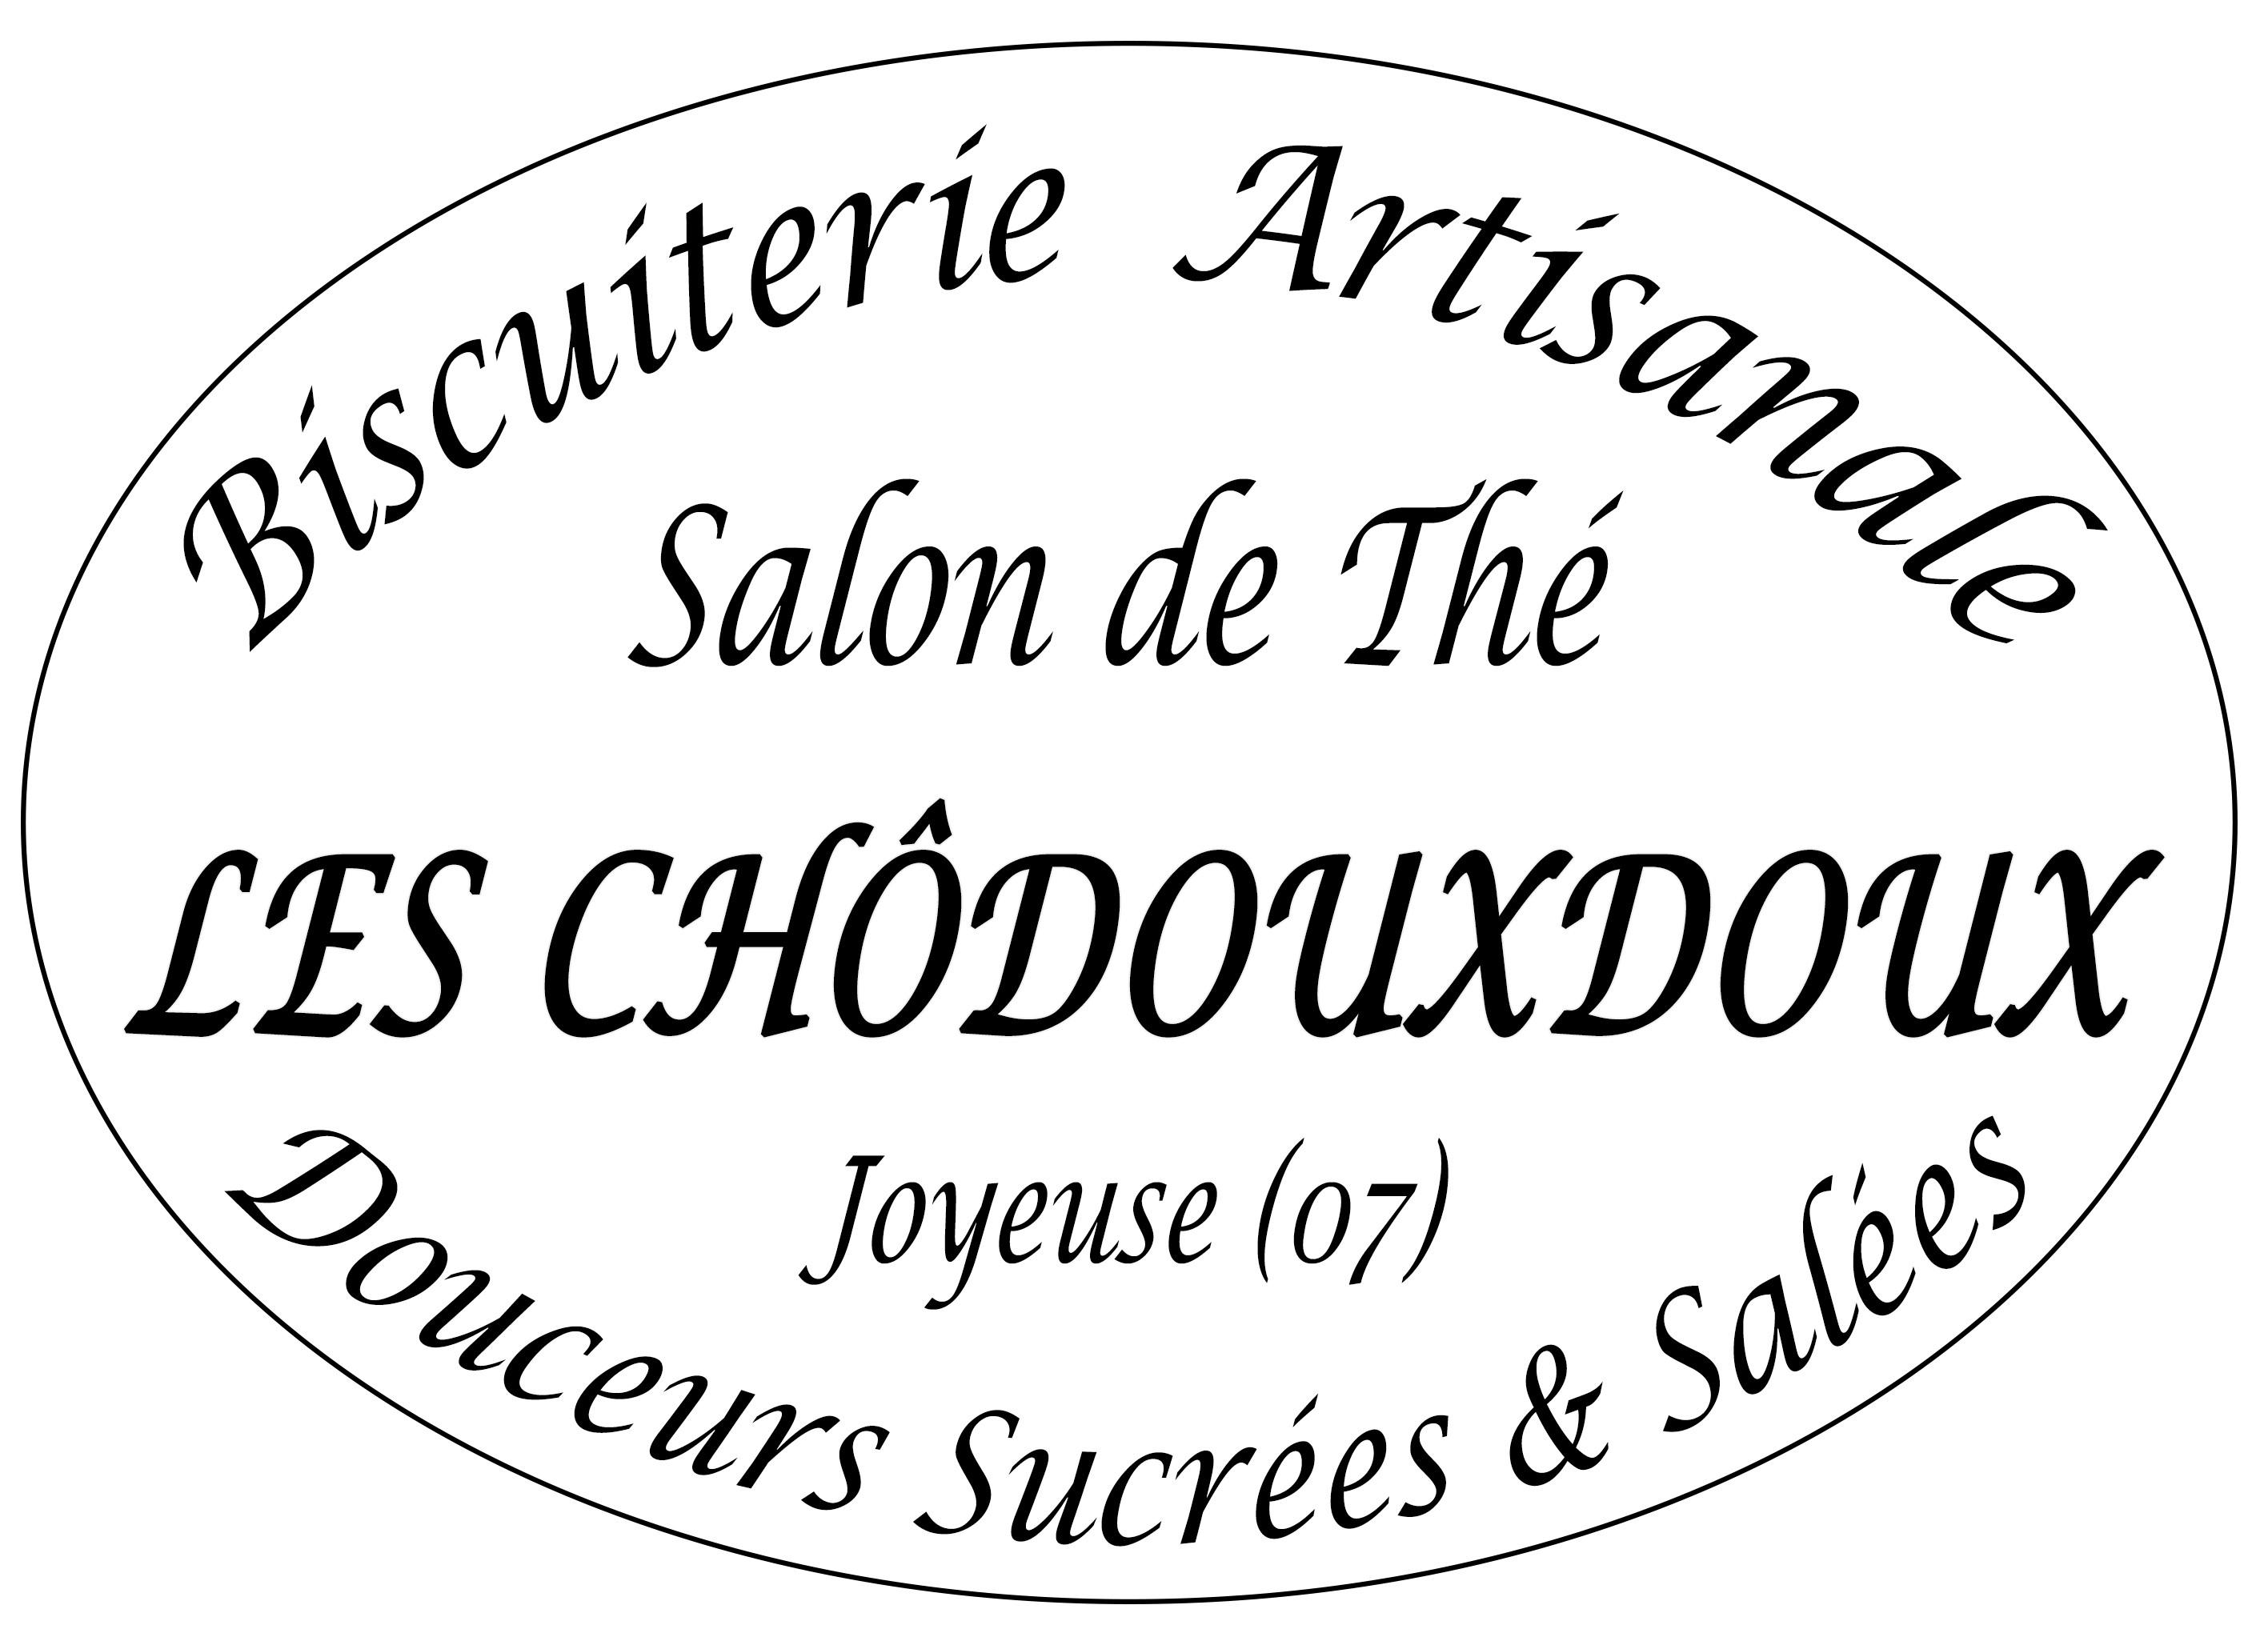 Les Chôdouxdoux - Joyeuse